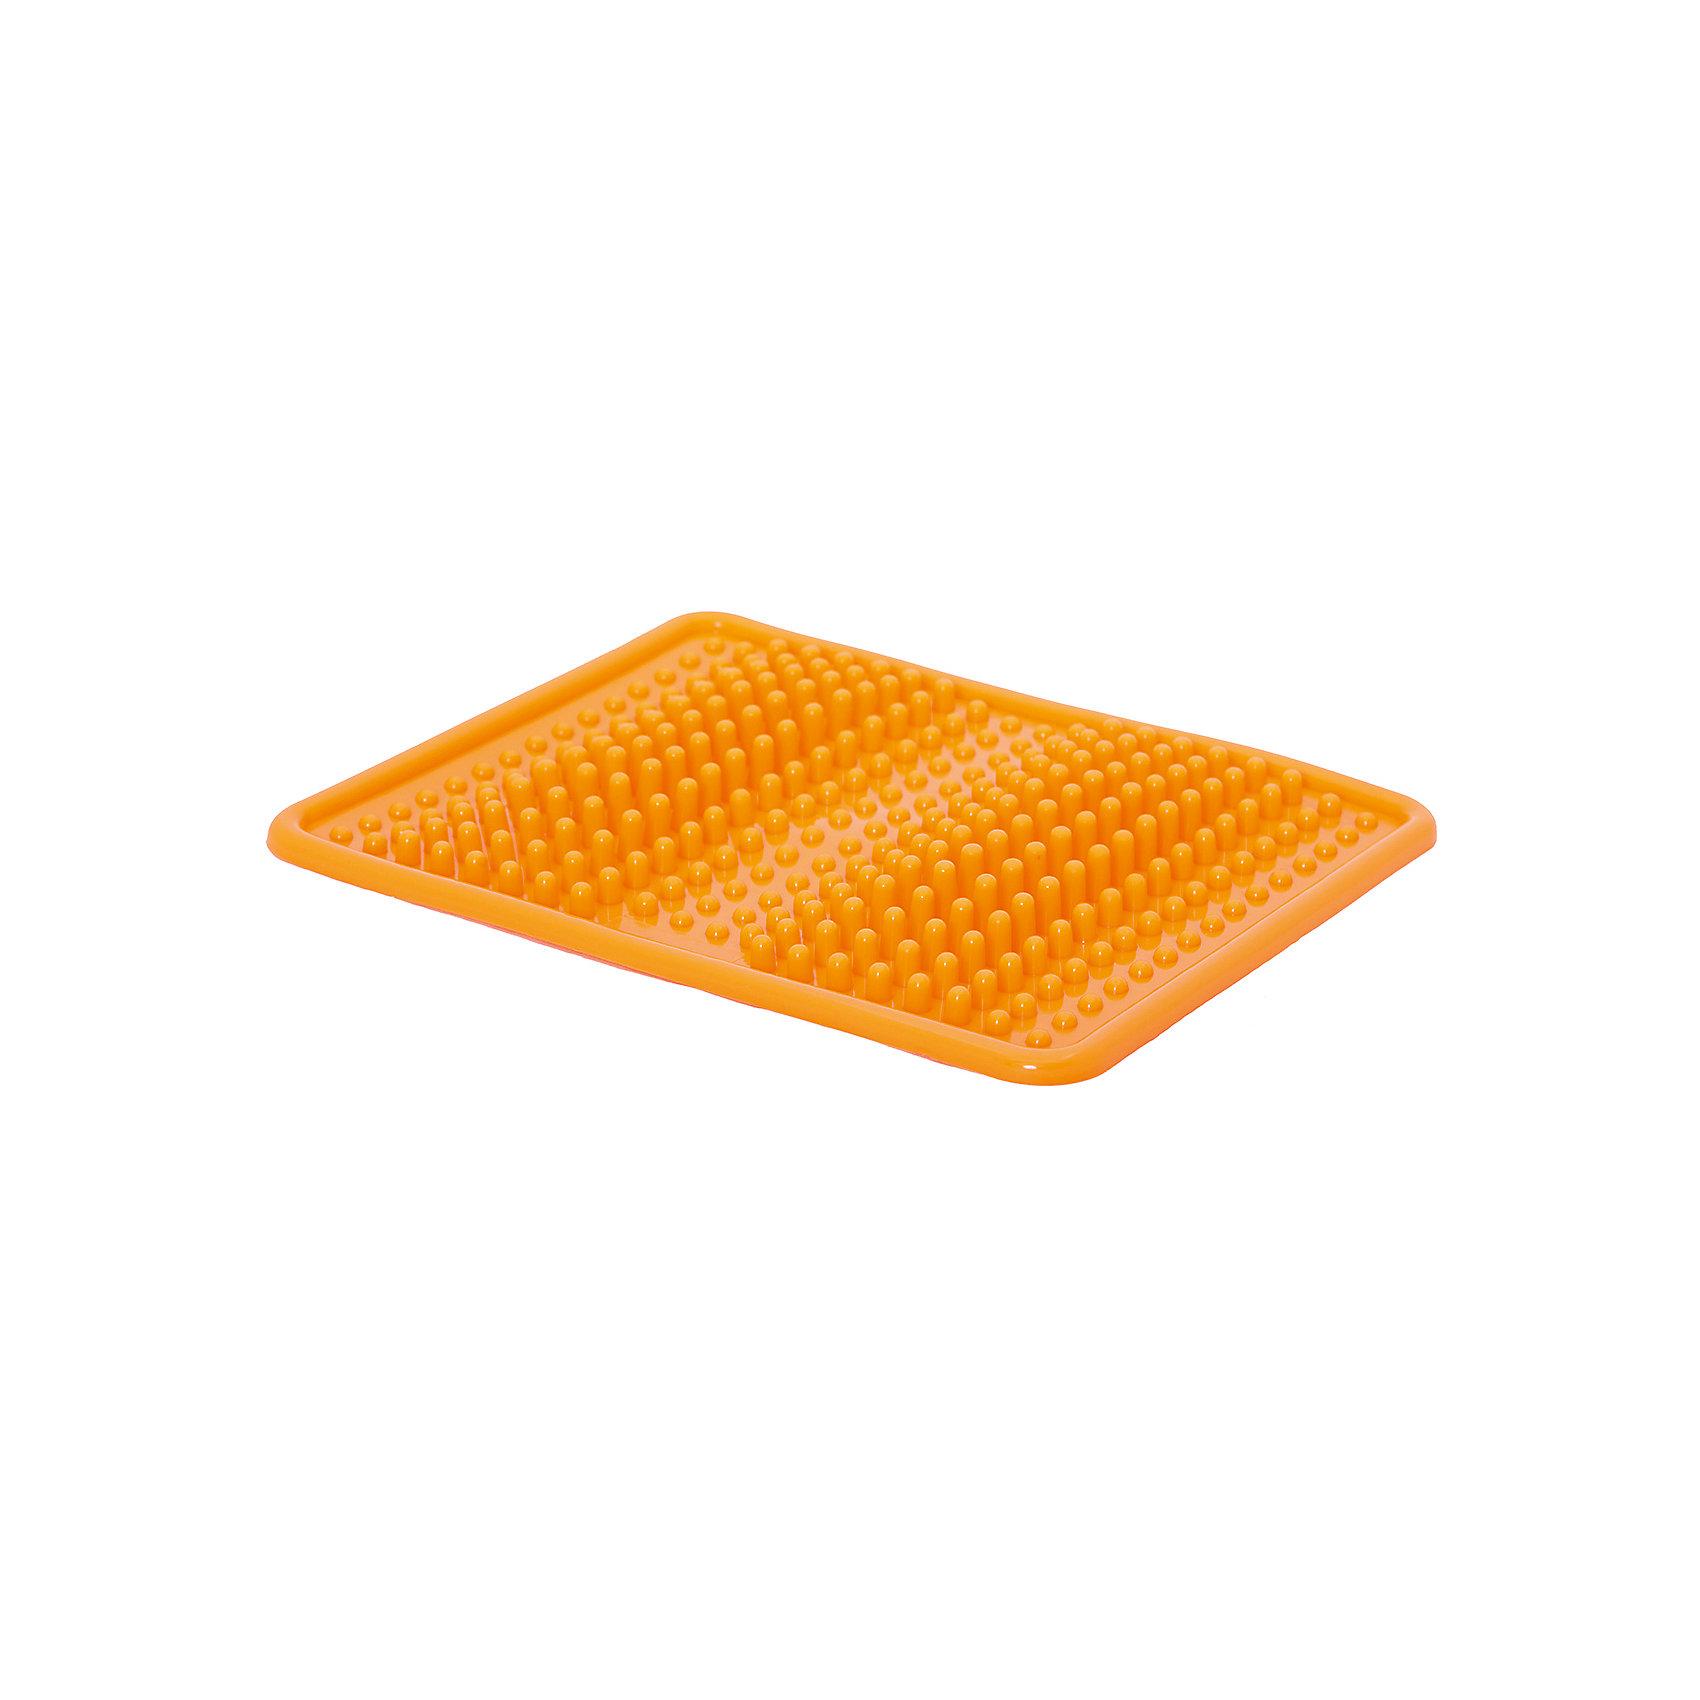 Коврик массажный, Z-SportsОсновные характеристики<br><br>Тип: массажный<br>Материалы: поливинилхлорид<br>Размер: 35*27*3см<br>Вес: 0,42кг<br>Цвет: оранжевый<br>Вид применения: массаж стоп<br>Страна-производитель: Китай<br>Упаковка: пакет с европодвесом<br><br>Ортопедический коврик прекрасно подходит как для лечения различных заболеваний, так и просто для расслабляющего оздоравливающего массажа стоп. Его использование рекомендовано при плоскостопии, нарушении опорно-двигательной функции стопы, ассиметричной и аритмичной ходьбе, деформациях стопы после хирургического вмешательства и т.д. <br>Расположенные на поверхности массажные бугорки стимулируют рецепторы, находящиеся на подошвенном отделе стопы, и благодаря этому коврик помогают улучшить тонус мышц и связок стопы, формированию физиологически правильного свода стоп, что крайне важно в детском возрасте.<br><br>Преимущества коврика ZS-950:<br>- оптимальный размер и вес;<br>- обеспечивает отличный массаж ног;<br>- стимулирует активные точки, расположенные на стопах;<br>- способствует релаксации мышц всего тела;<br>- применяется для профилактики плоскостопия.<br><br>Ширина мм: 30<br>Глубина мм: 350<br>Высота мм: 270<br>Вес г: 420<br>Возраст от месяцев: 36<br>Возраст до месяцев: 192<br>Пол: Унисекс<br>Возраст: Детский<br>SKU: 5056614